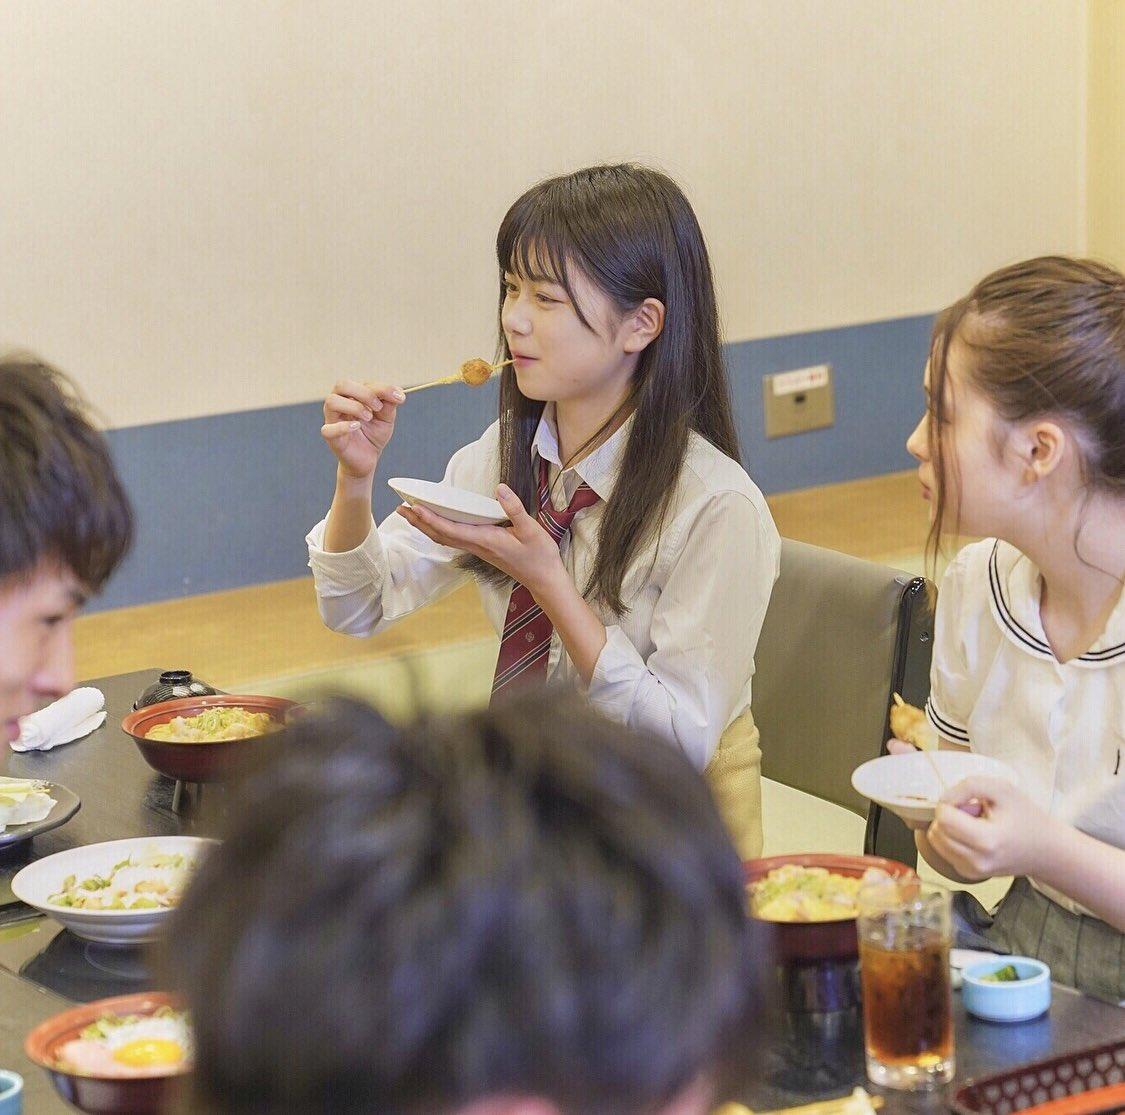 恋ステ✈️第7話いよいよ今夜、22時放送だね!・どんな展開があるかドキドキだあ!😵💕まりが食べてる食べ物も放送でチェックしてね!☑️・予約はできてるかな??♥︎⏩#まりくま #恋ステ